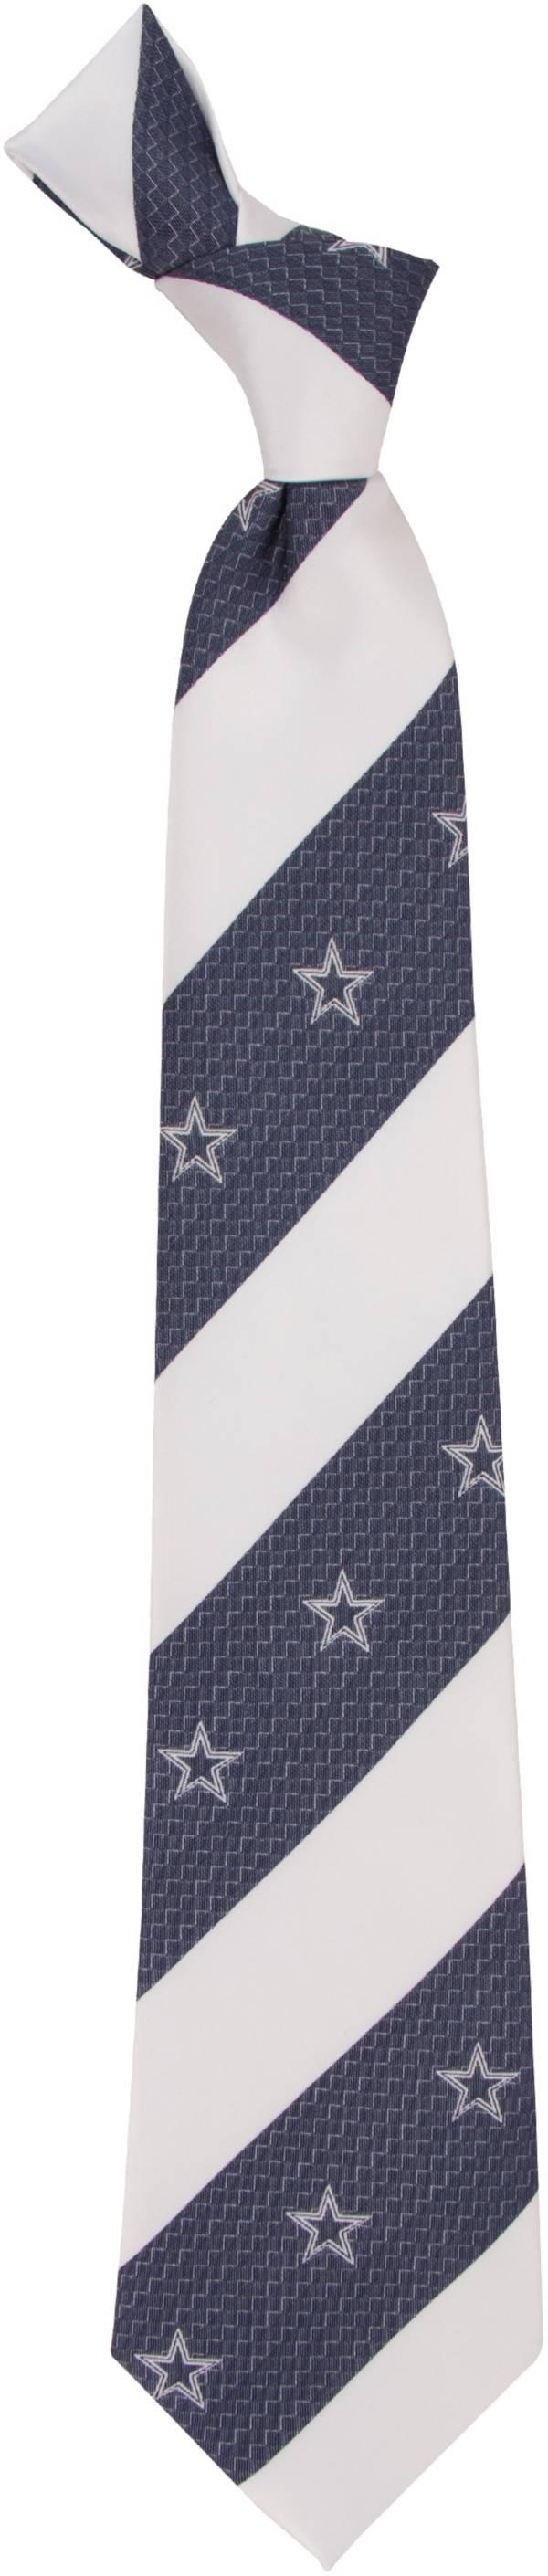 Eagles Wings Dallas Cowboys Geo Stripe Necktie product image